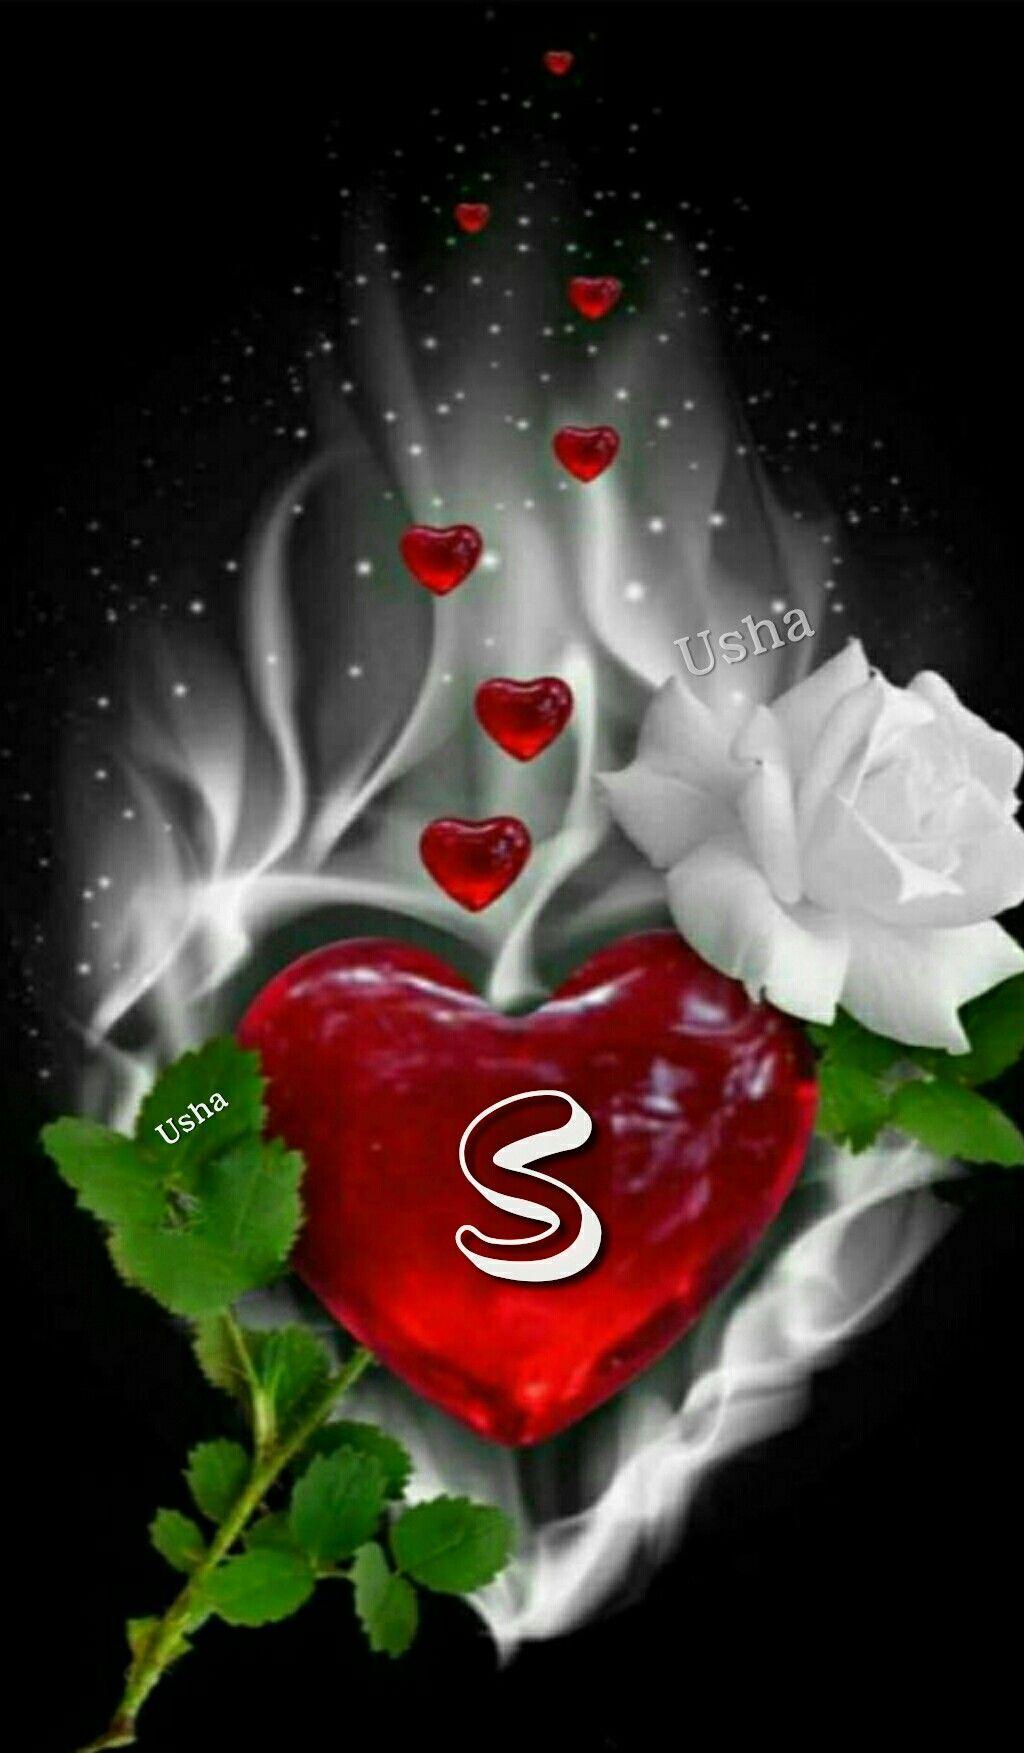 Pin By Usha Shaaa On My Own Pics Heart Wallpaper